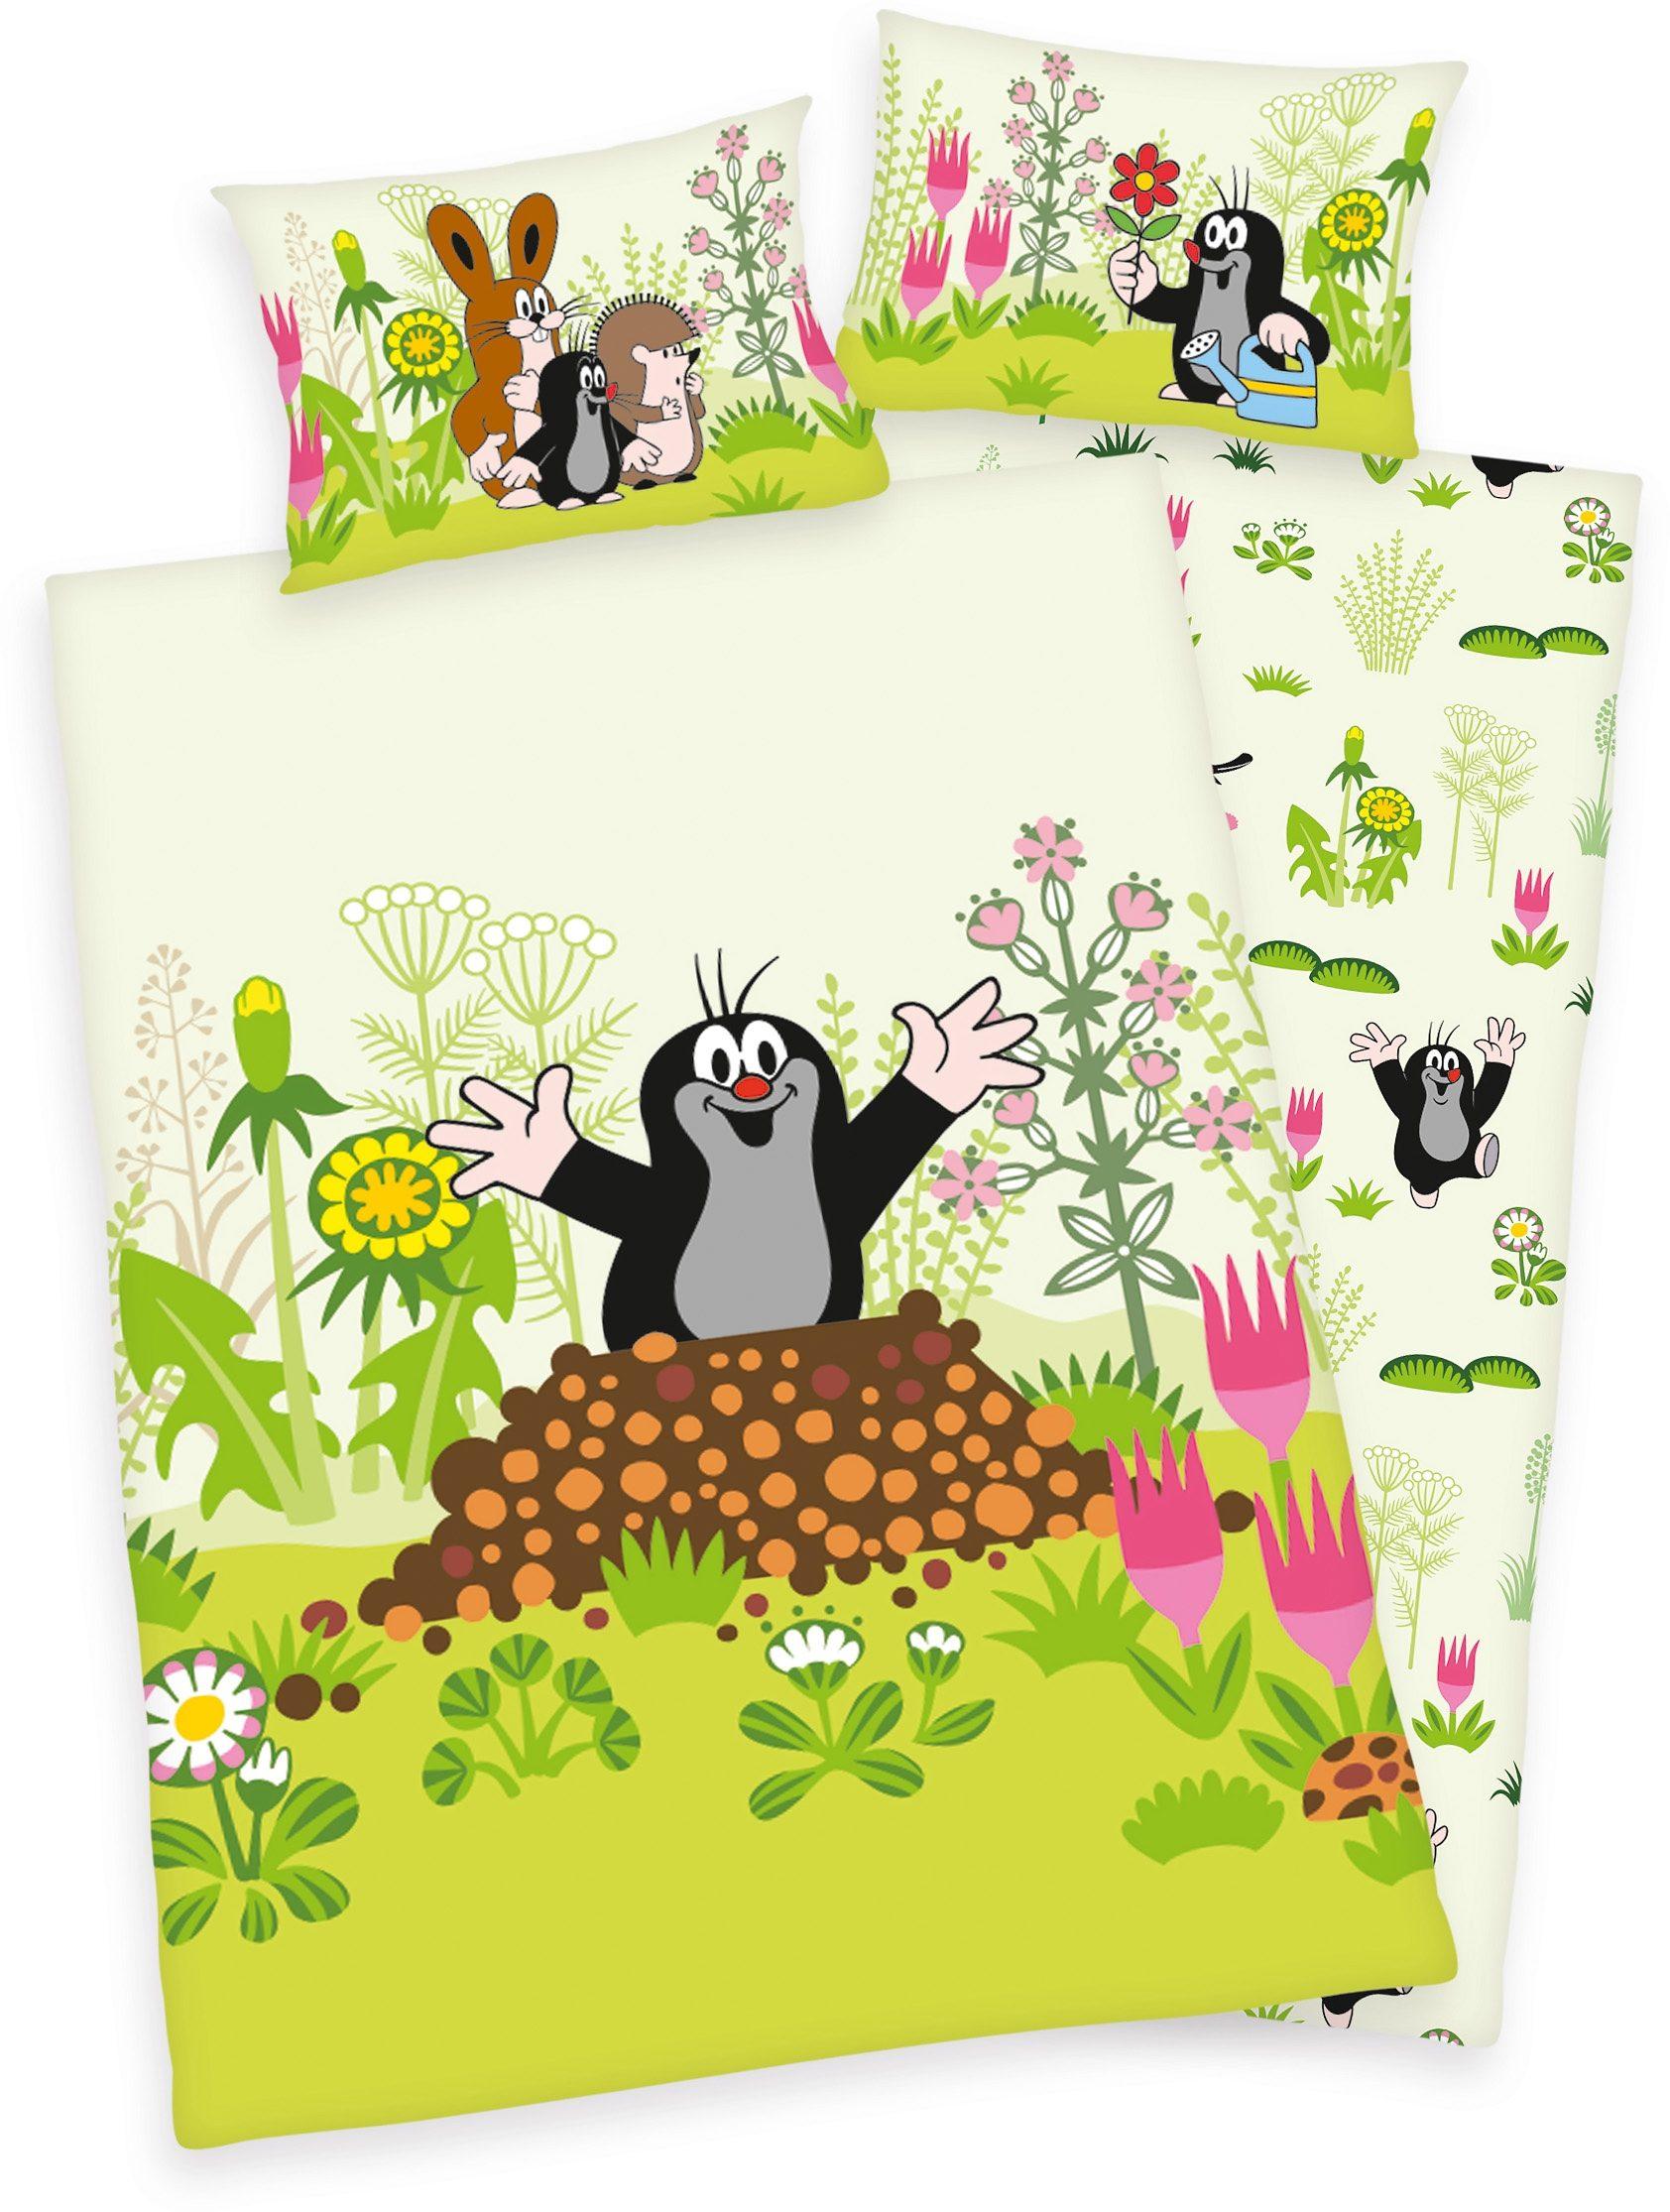 Kinderbettwäsche Der kleine Maulwurf Diverse | Kinderzimmer > Textilien für Kinder > Kinderbettwäsche | Grün | Baumwolle | Diverse